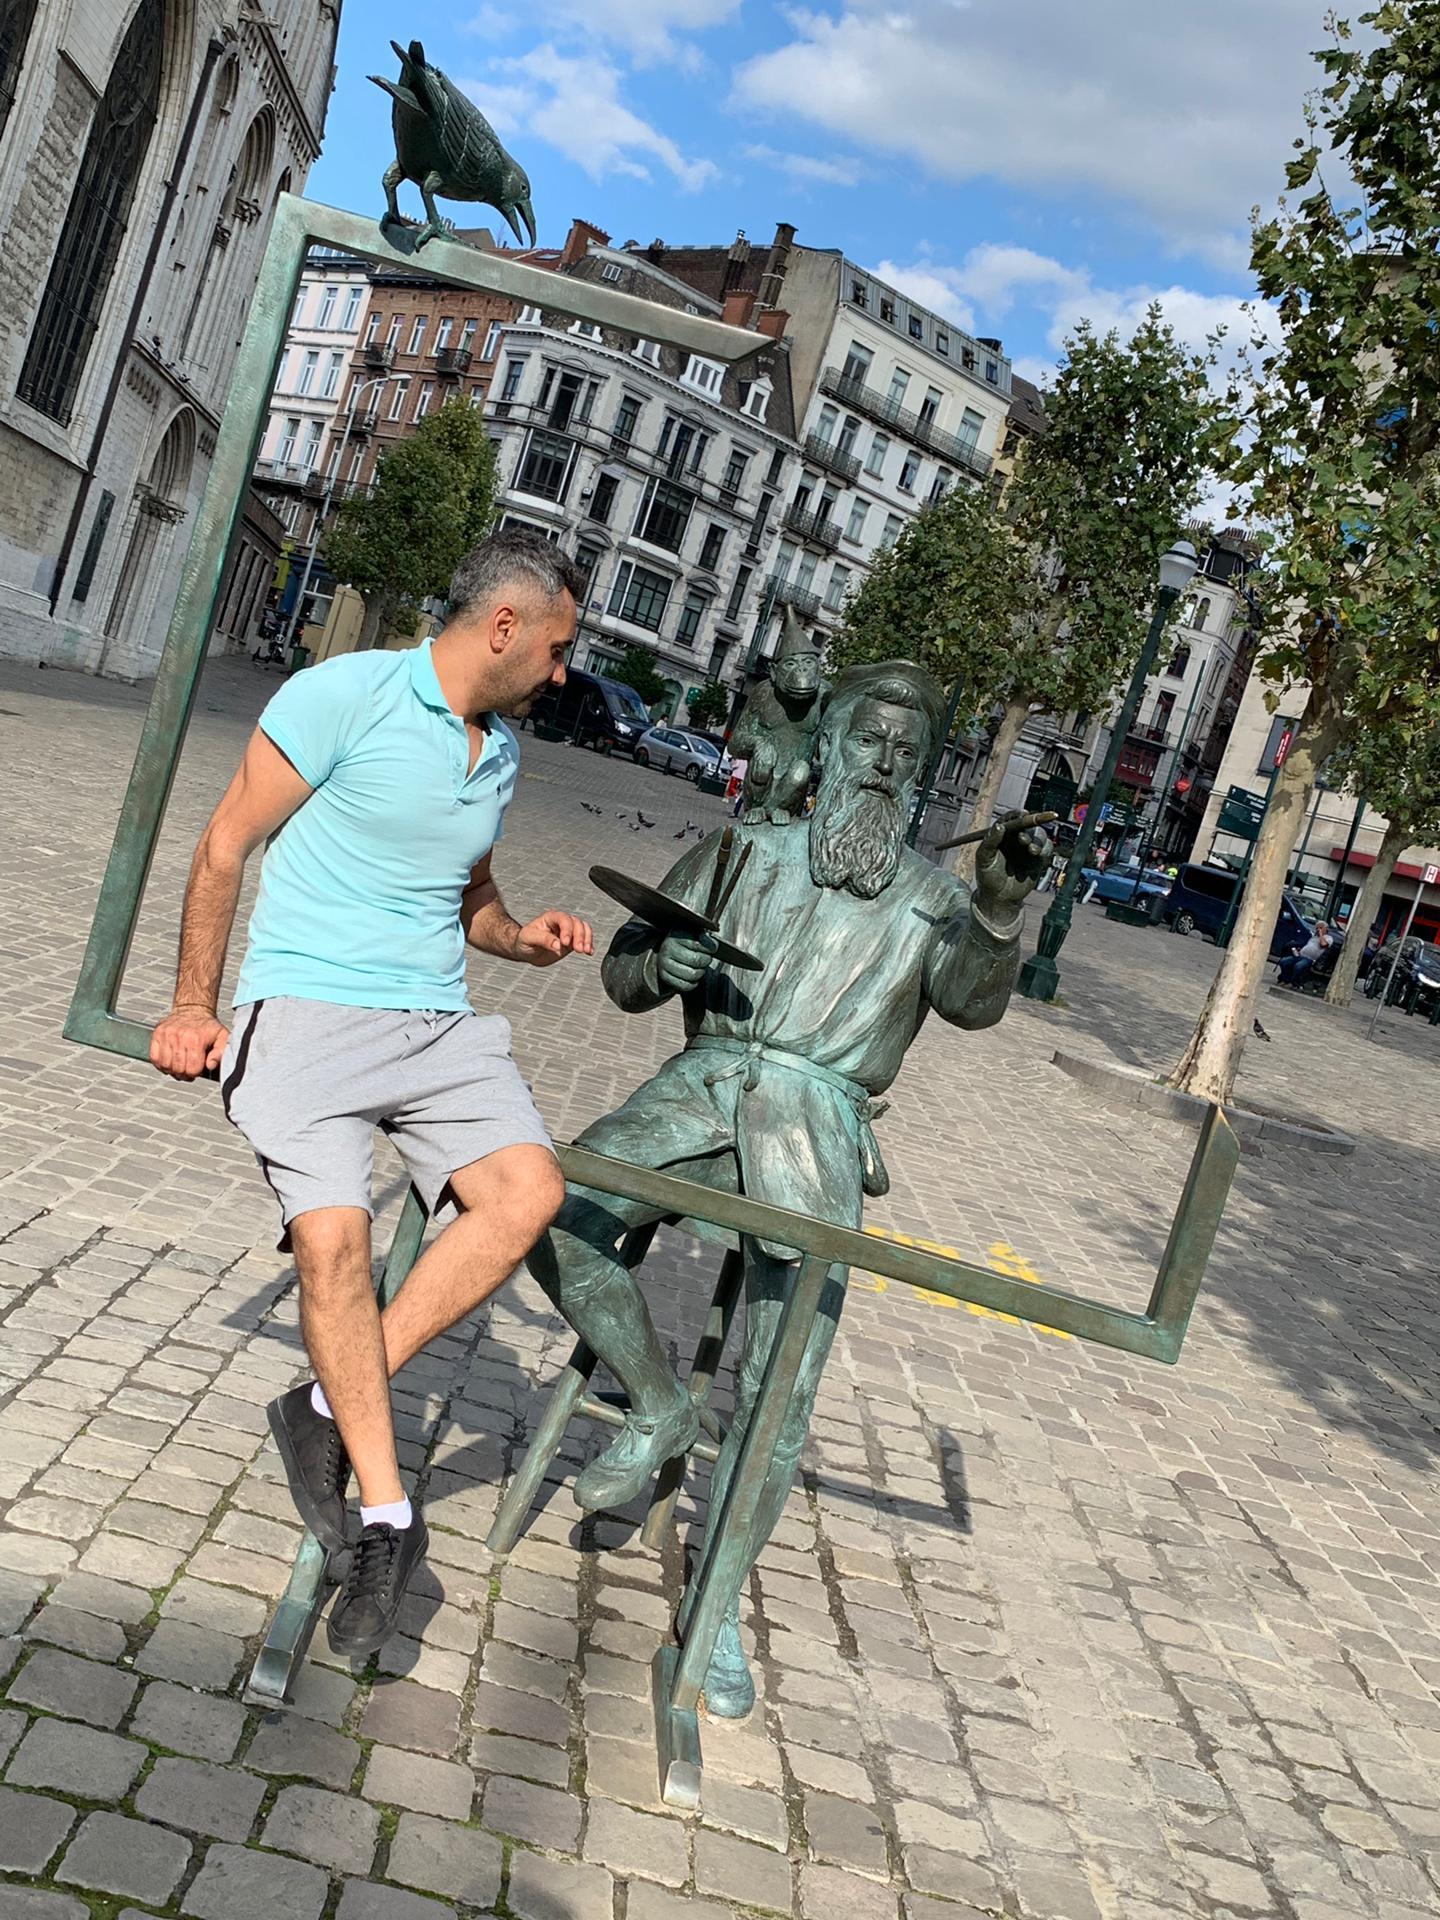 Hector uit Antwerpen,Belgie